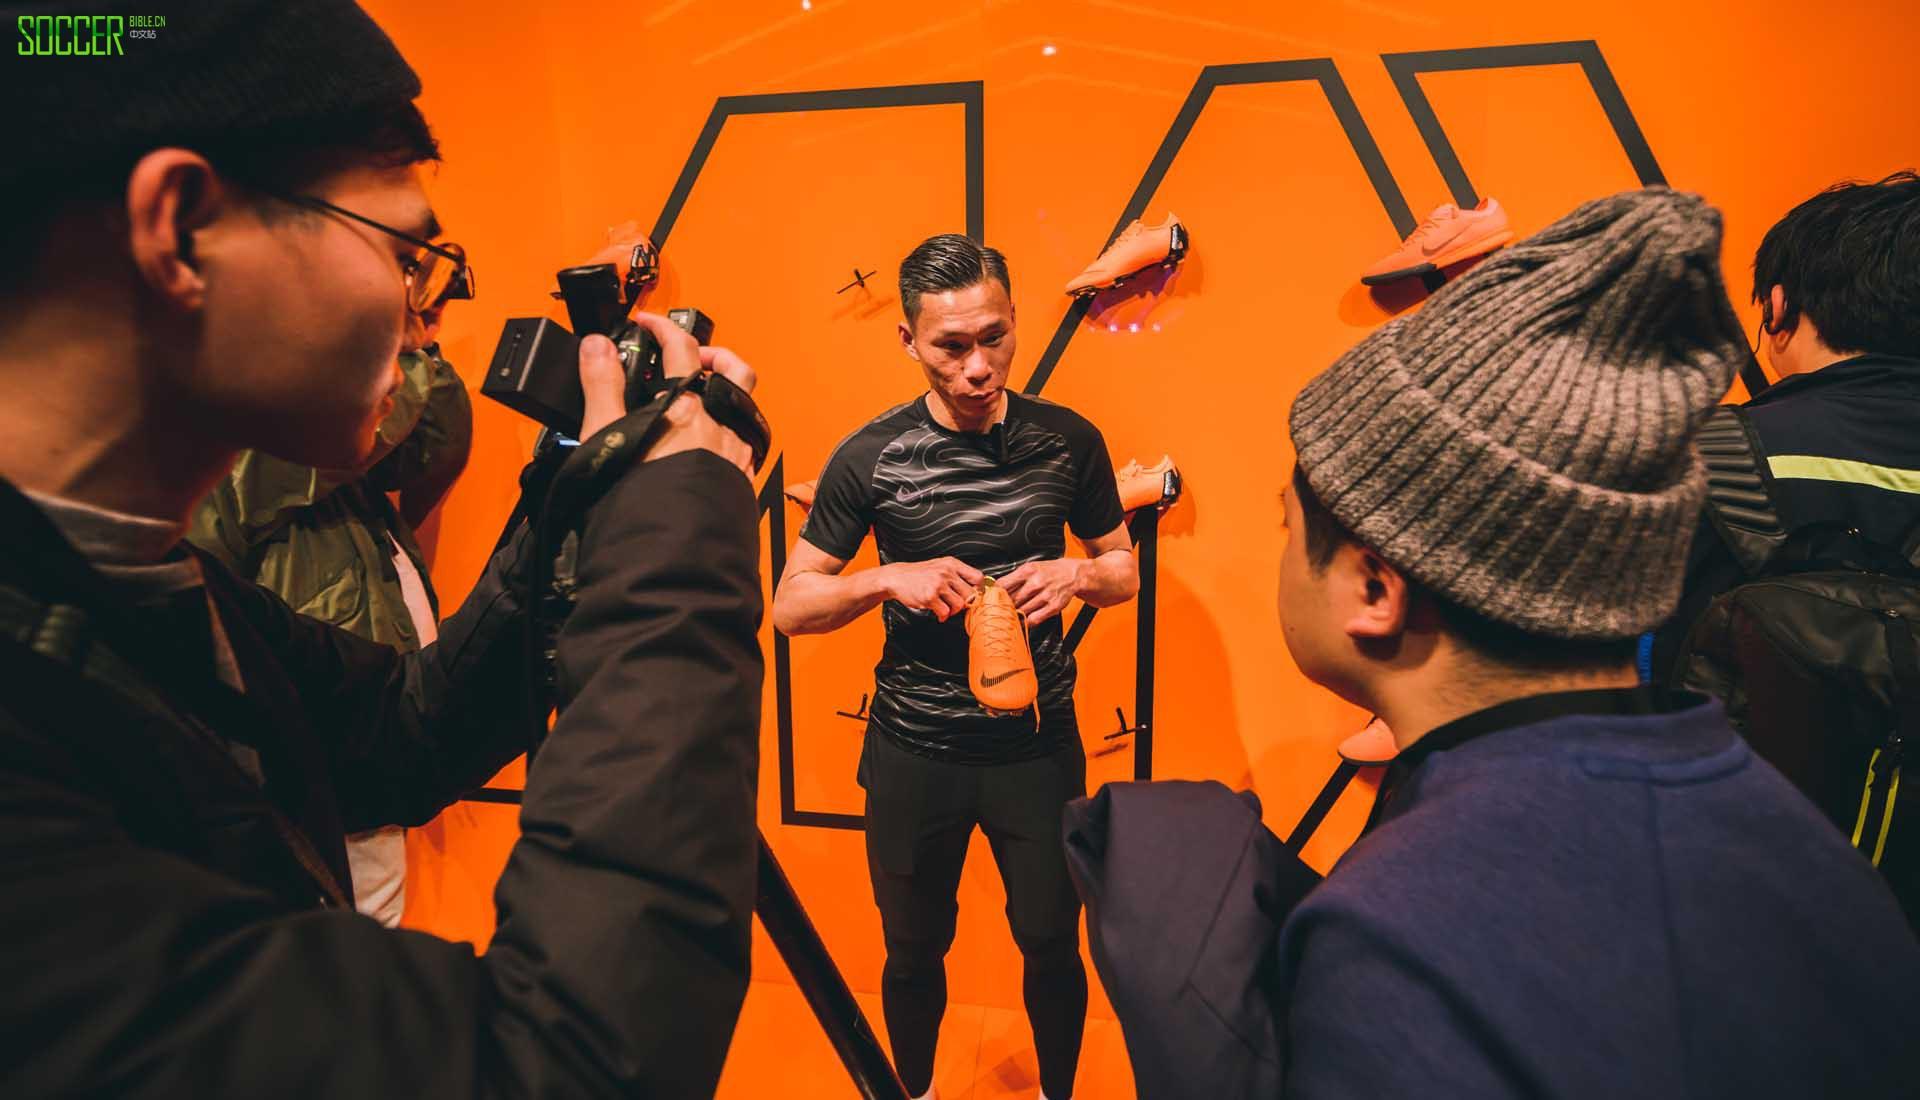 群星云集Nike Mercrucial 360足球鞋伦敦发布会